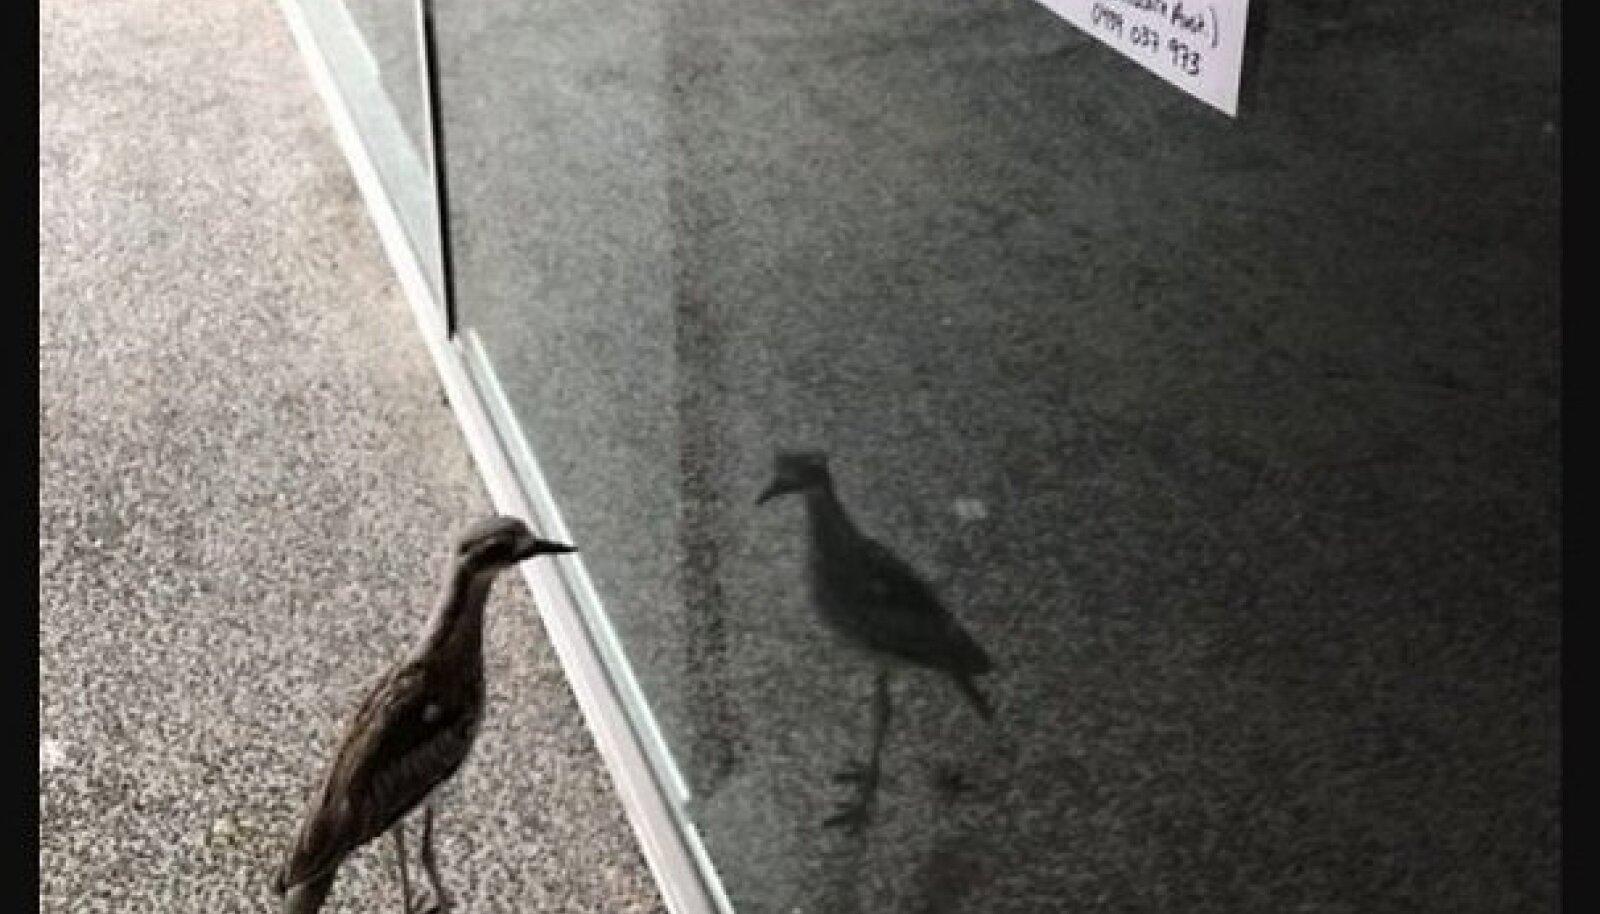 Austraalia jämejalg pole edev, vaid hämmingus oma peegelpildist, mida ta peab tõenäoliselt liigikaaslaseks.